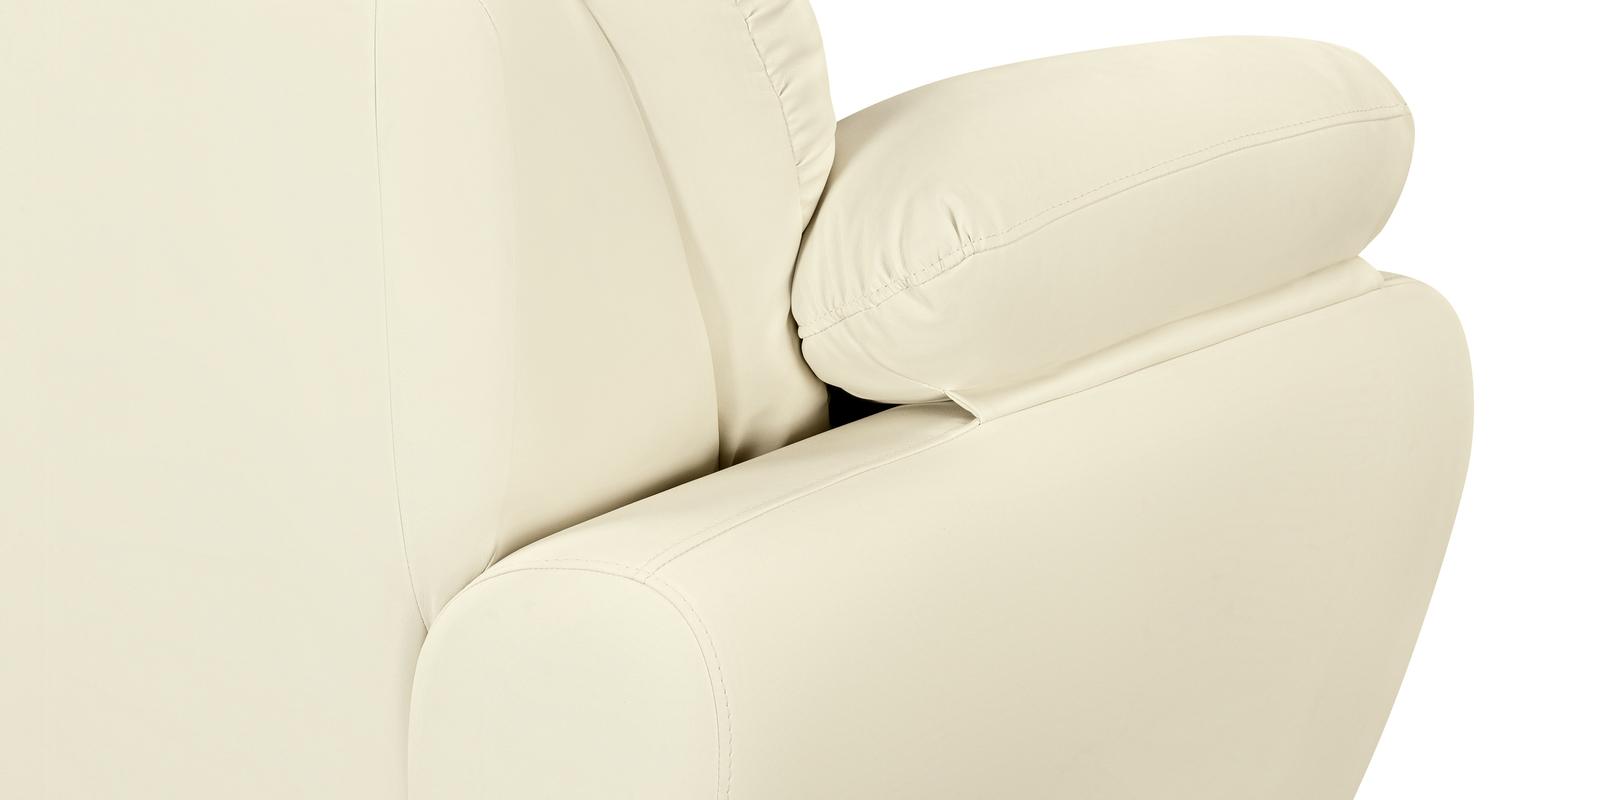 Диван тканевый прямой Эвита Luxe молочный (Экокожа)